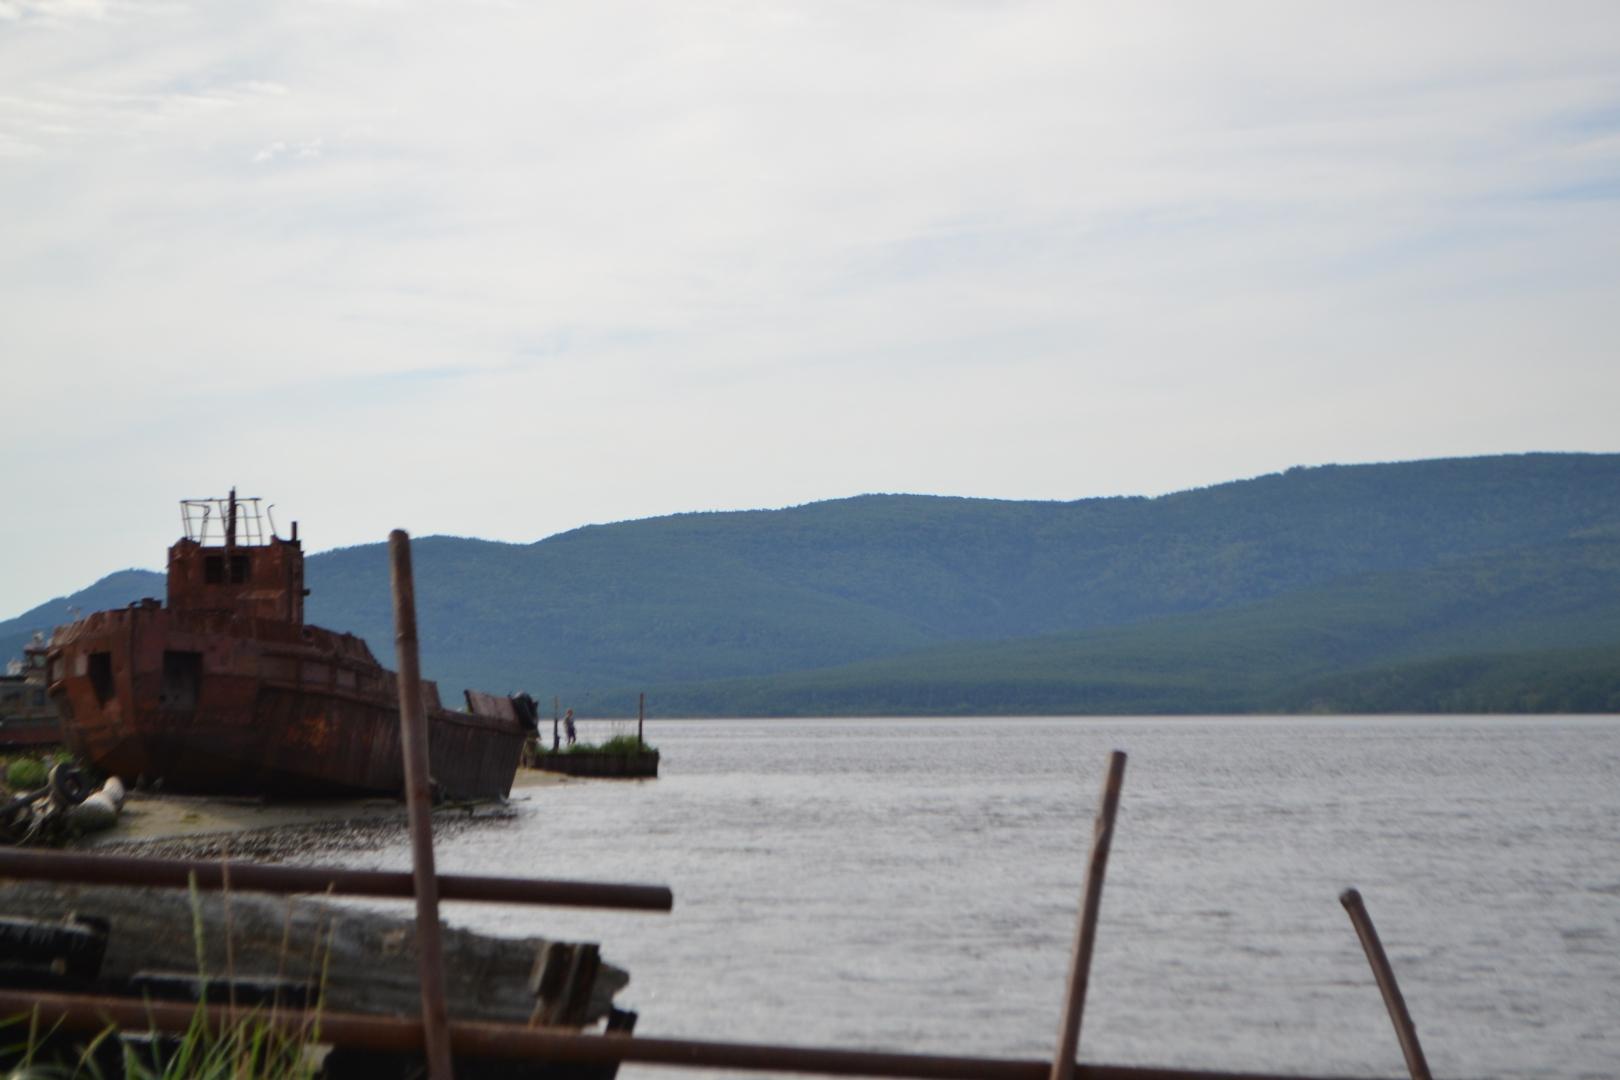 Берег у села Датта, остовы старых шхун и никакой инфраструктуры